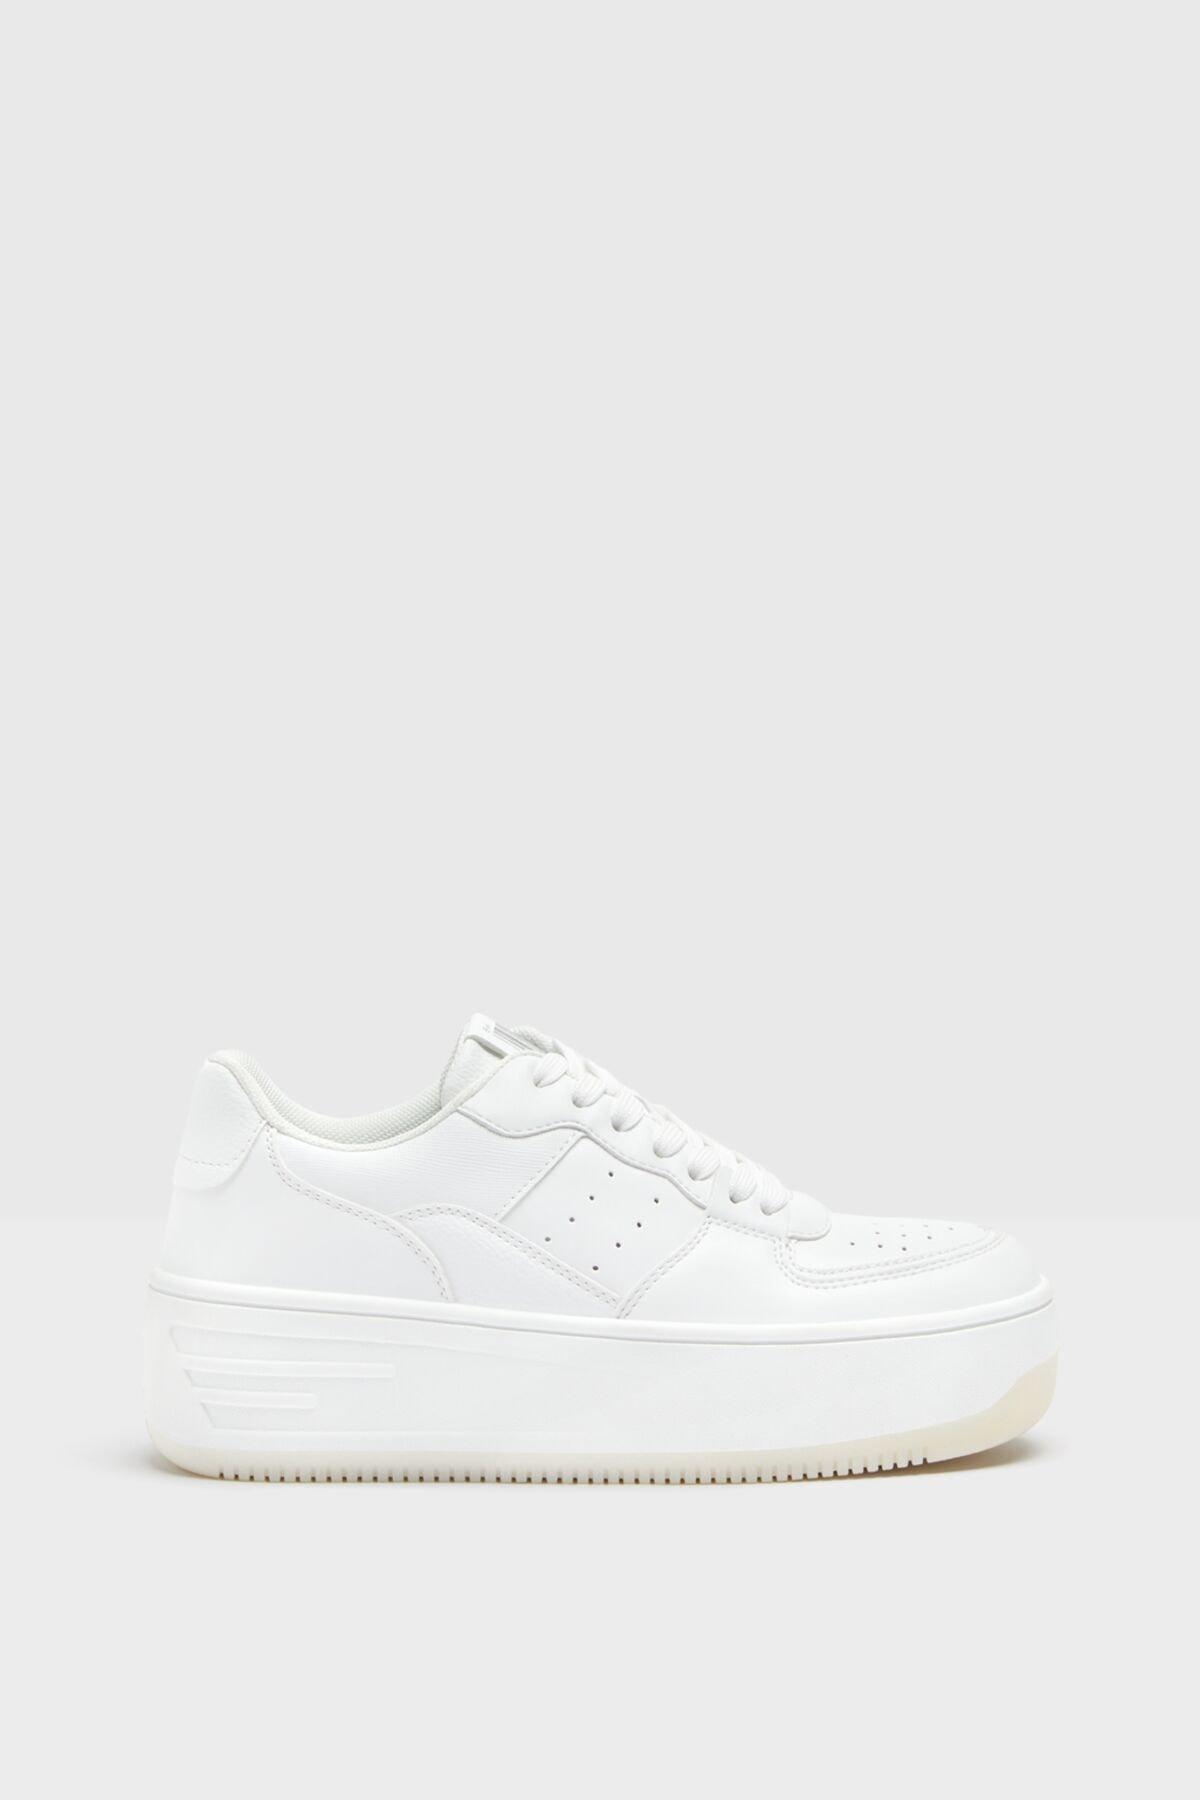 Bershka Kadın Beyaz Mikro Delikli Platform Tabanlı Spor Ayakkabı 2